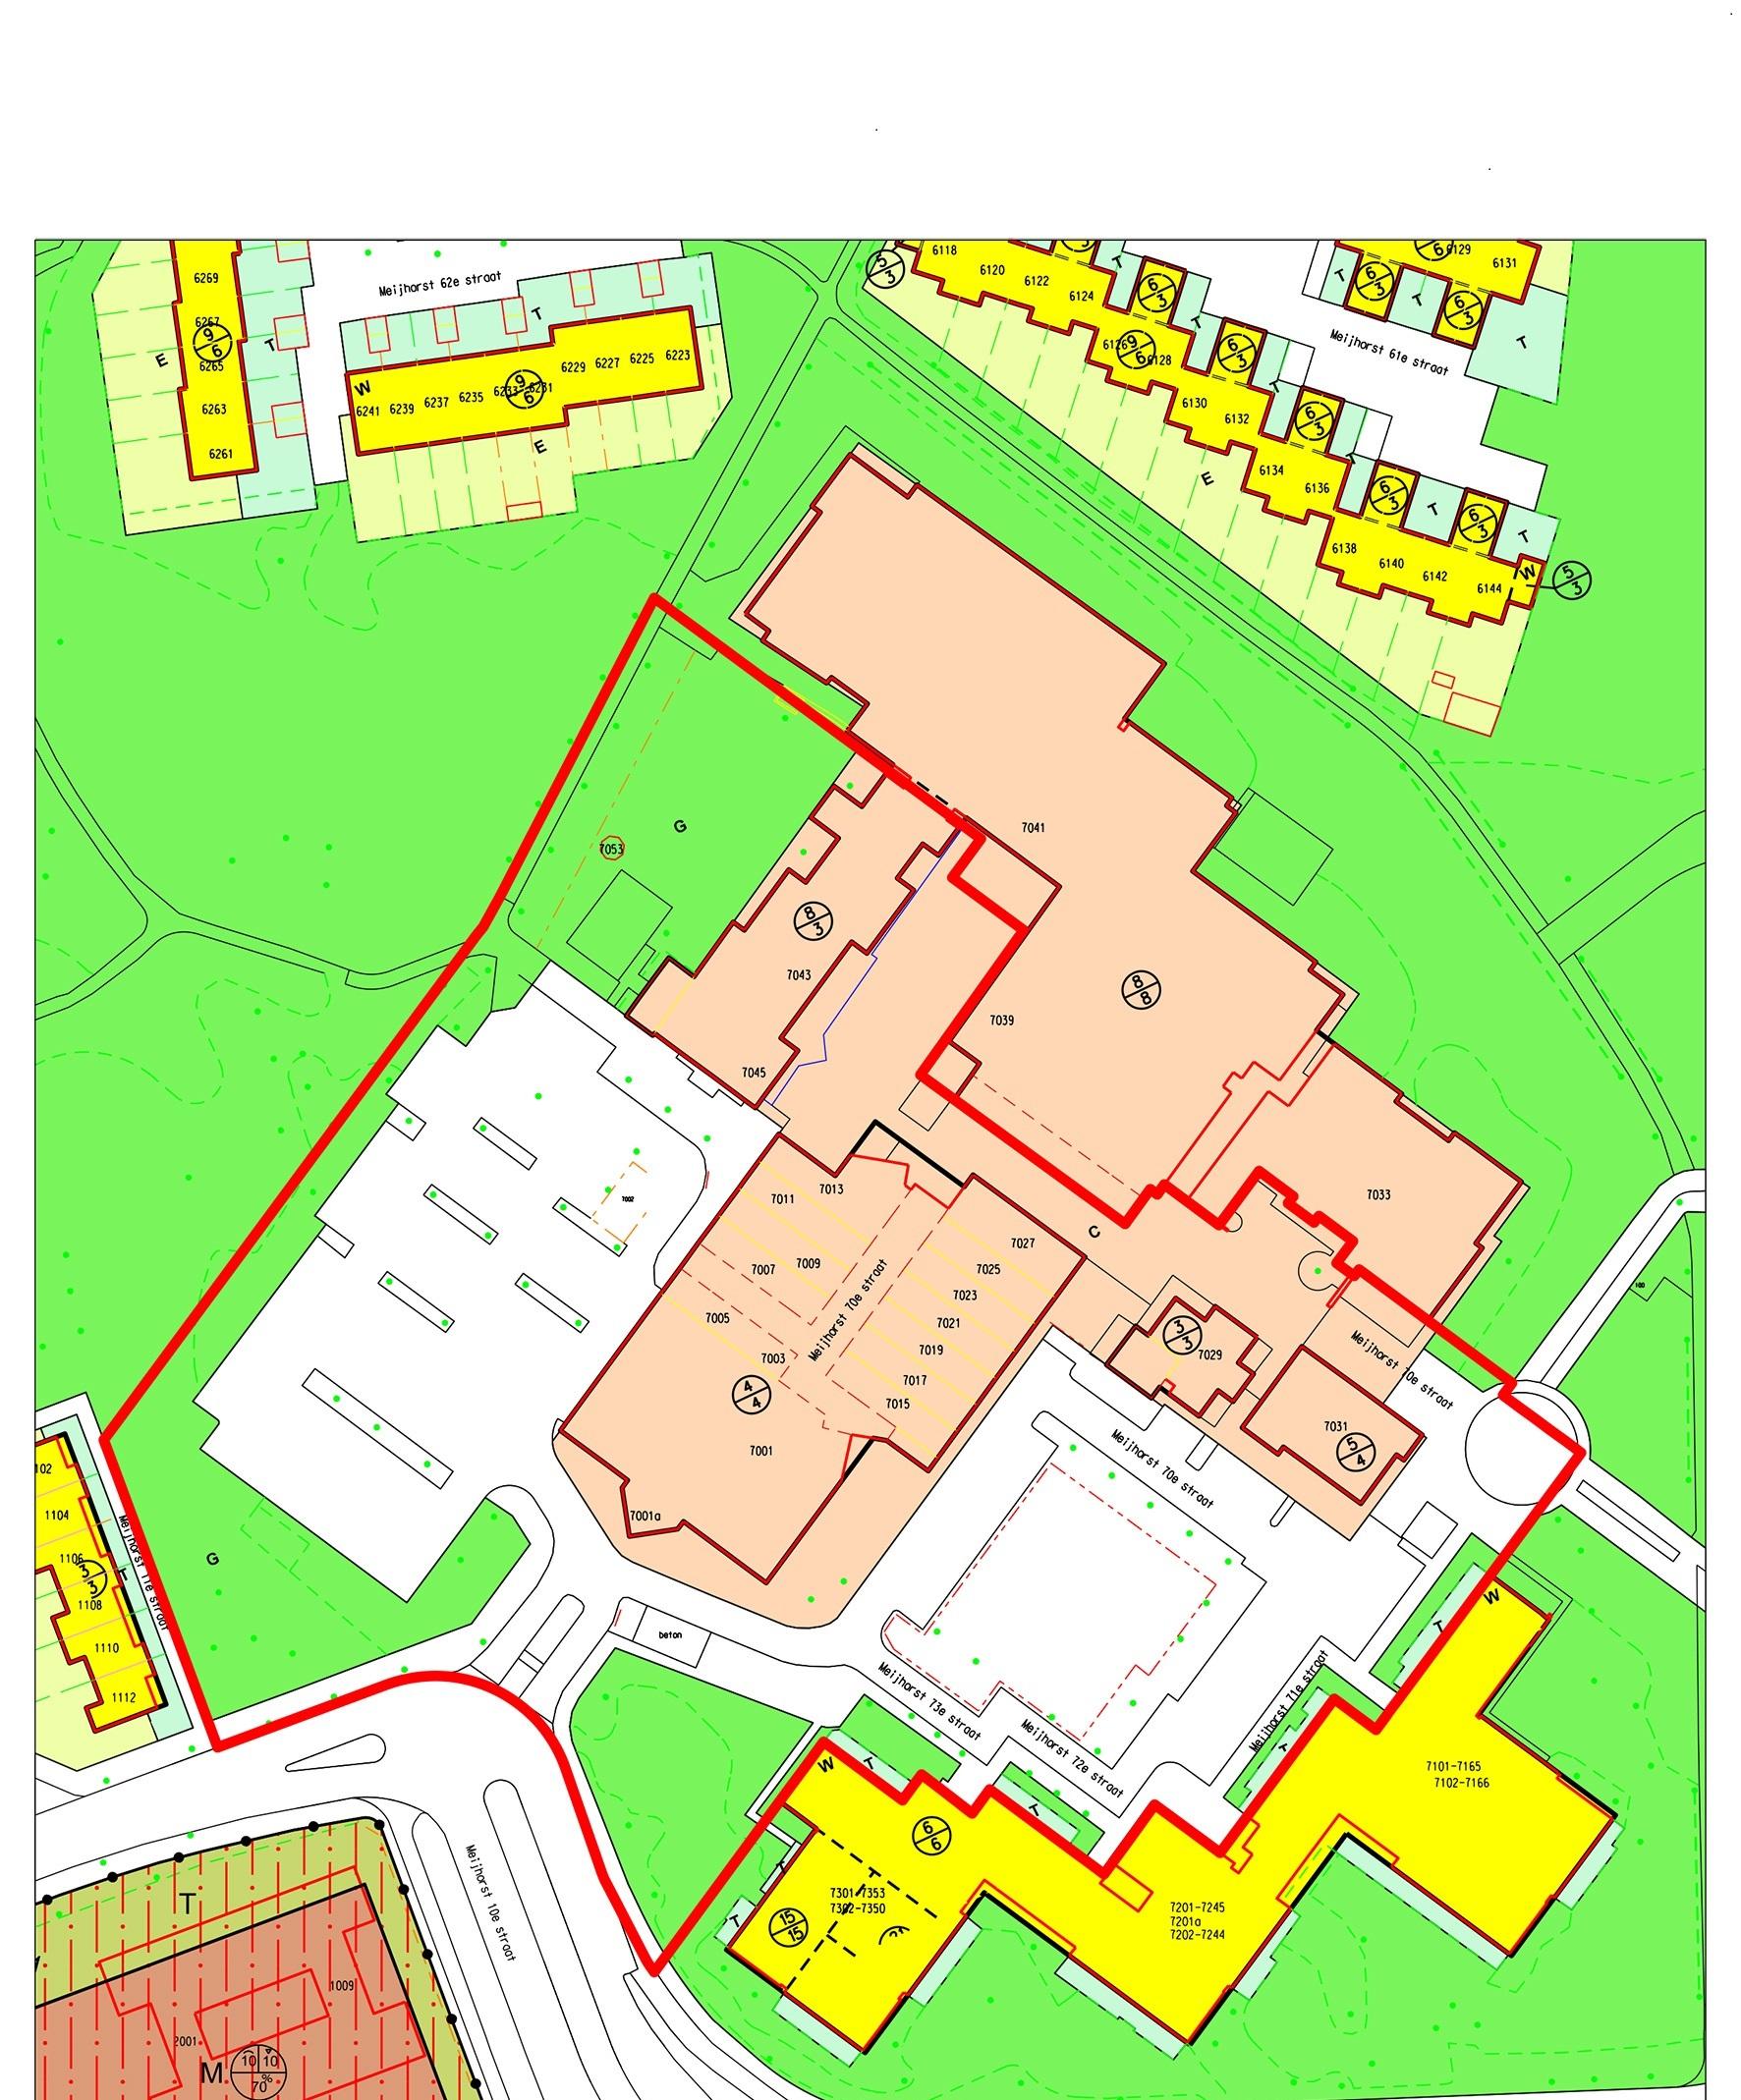 9bb5ebc483d Nijmegen Dukenburg - 14 (Winkelcentrum Meijhorst): Toelichting